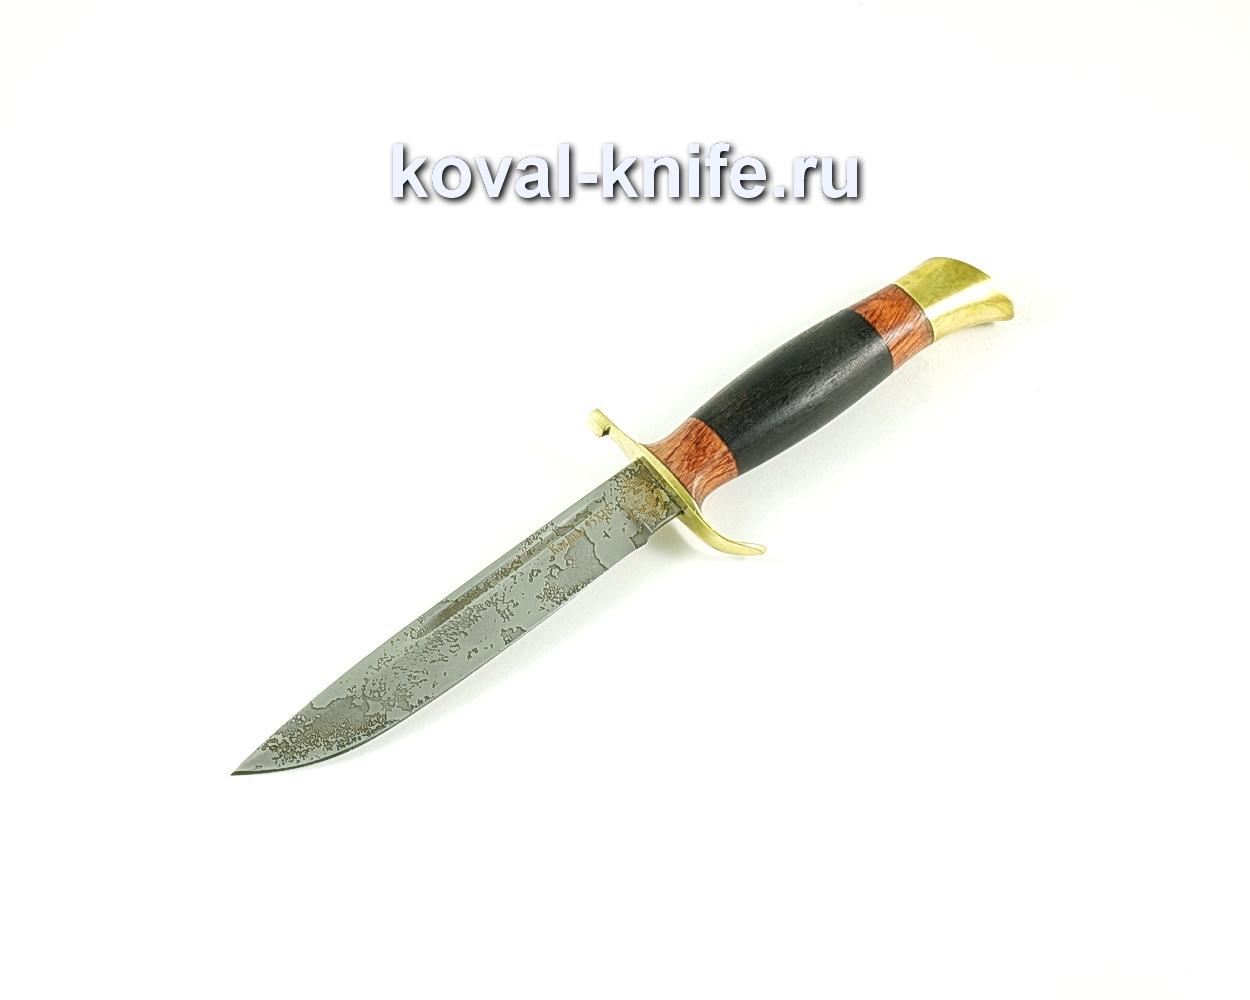 Нож Финка (сталь 95х18), рукоять бубинга, граб, литье A287